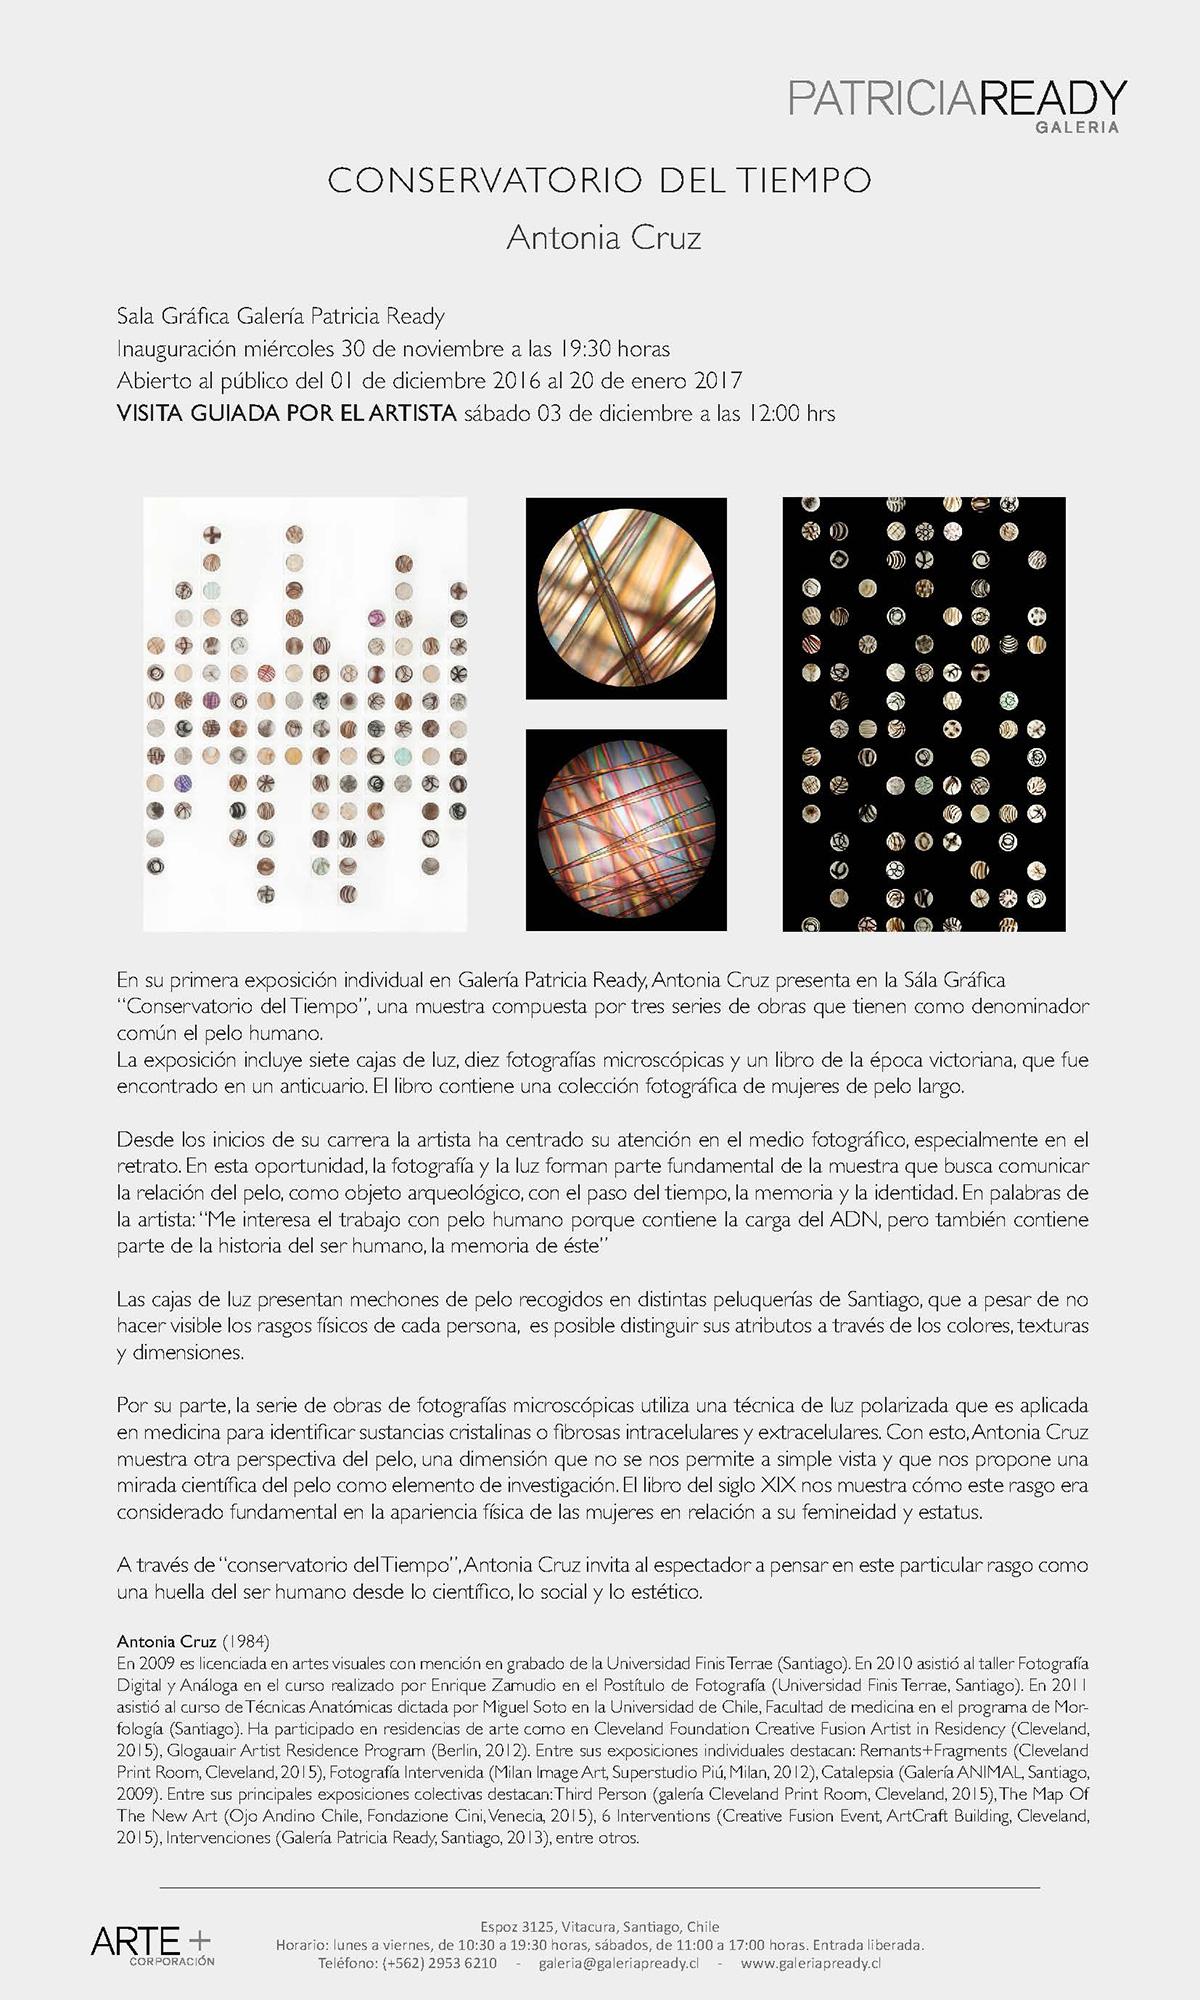 Exposición Conservatorio del Tiempo, Comunicado de prensa, galería Patricia Ready